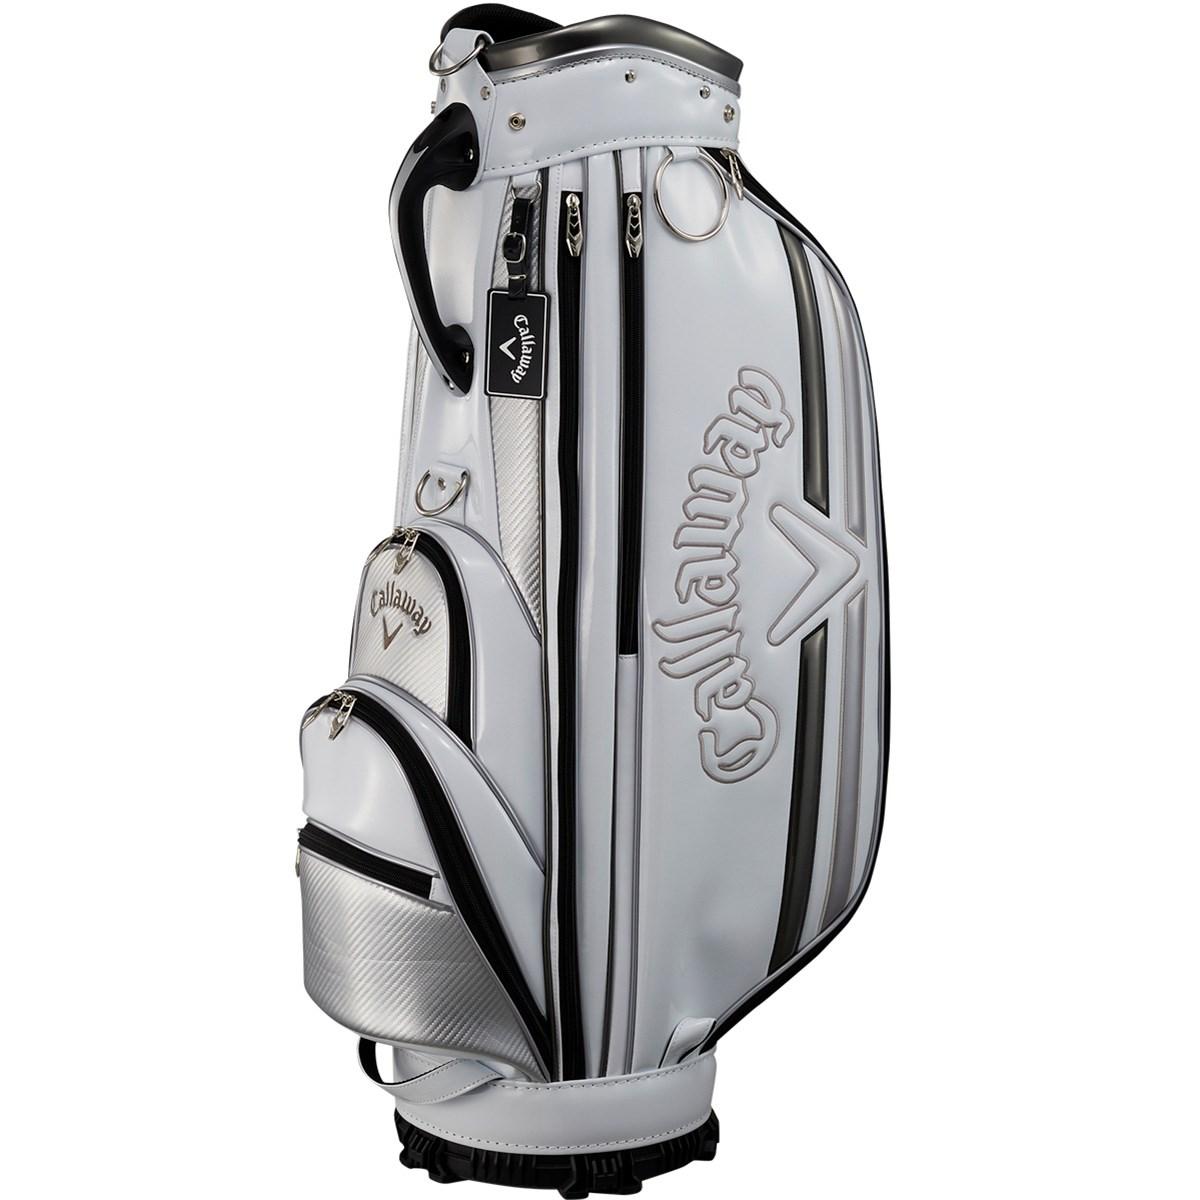 キャロウェイゴルフ Callaway Golf BG CT SOLID JM キャディバッグ ホワイト